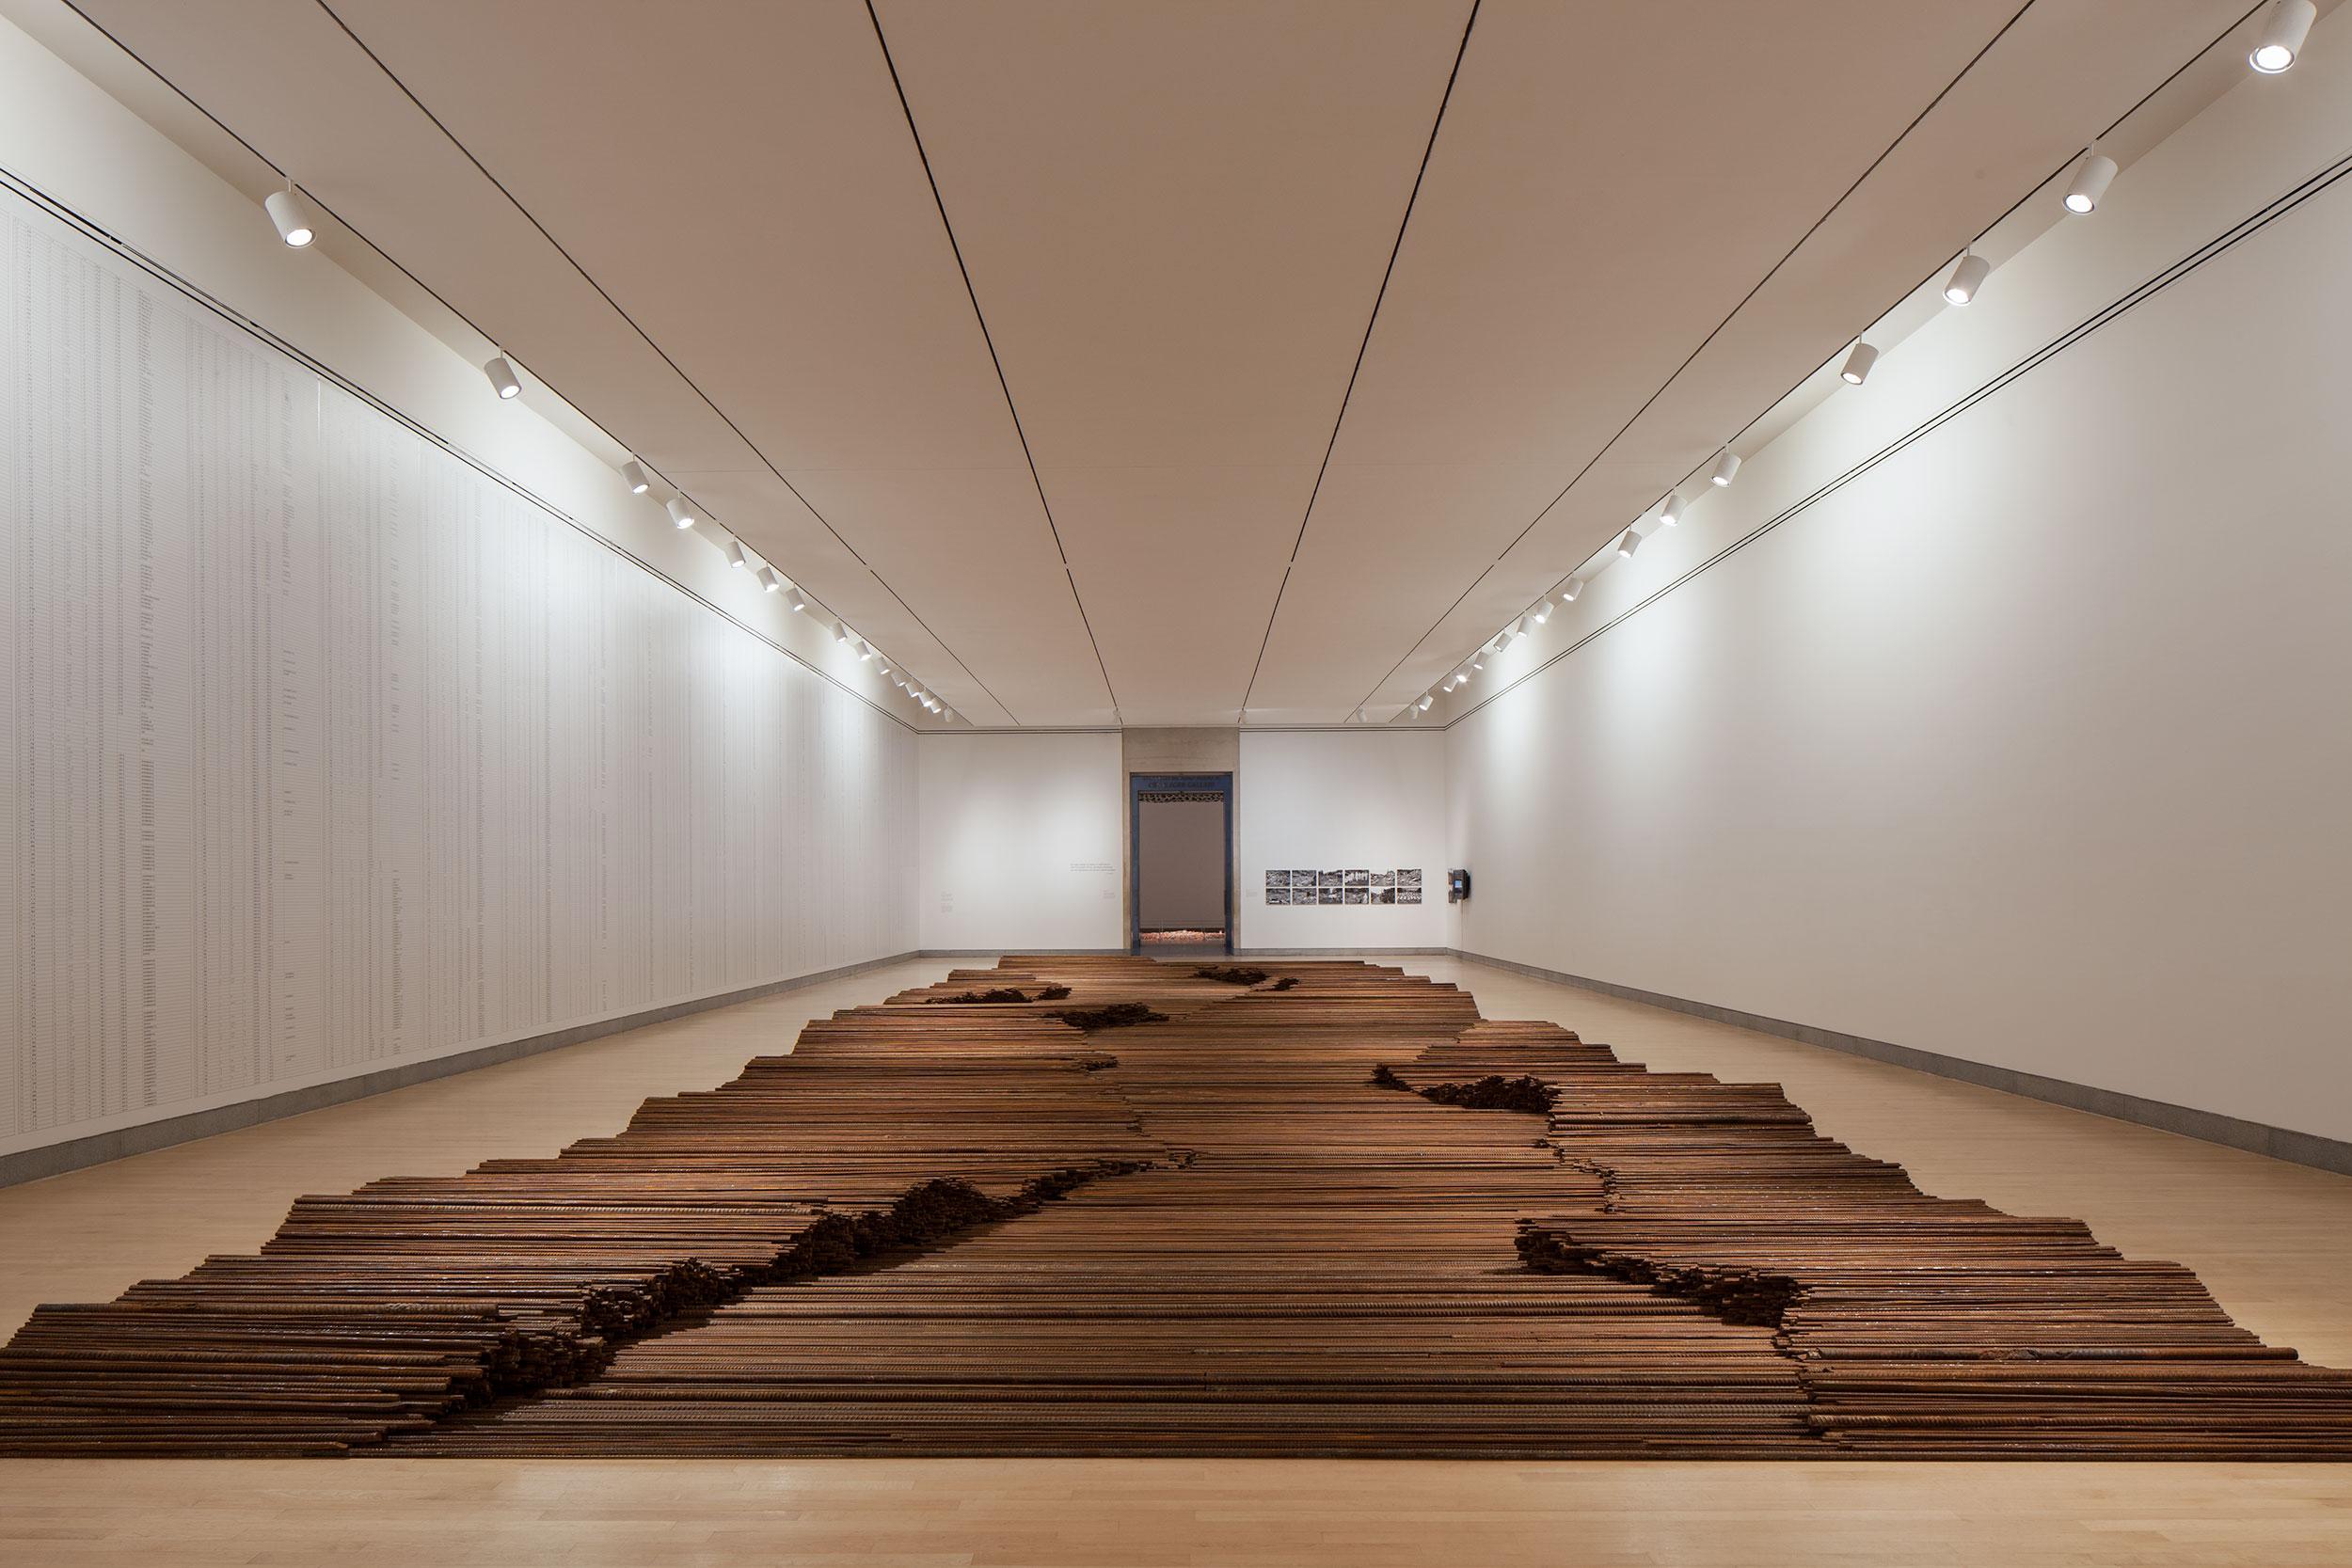 Ai Weiwei exhibit signage